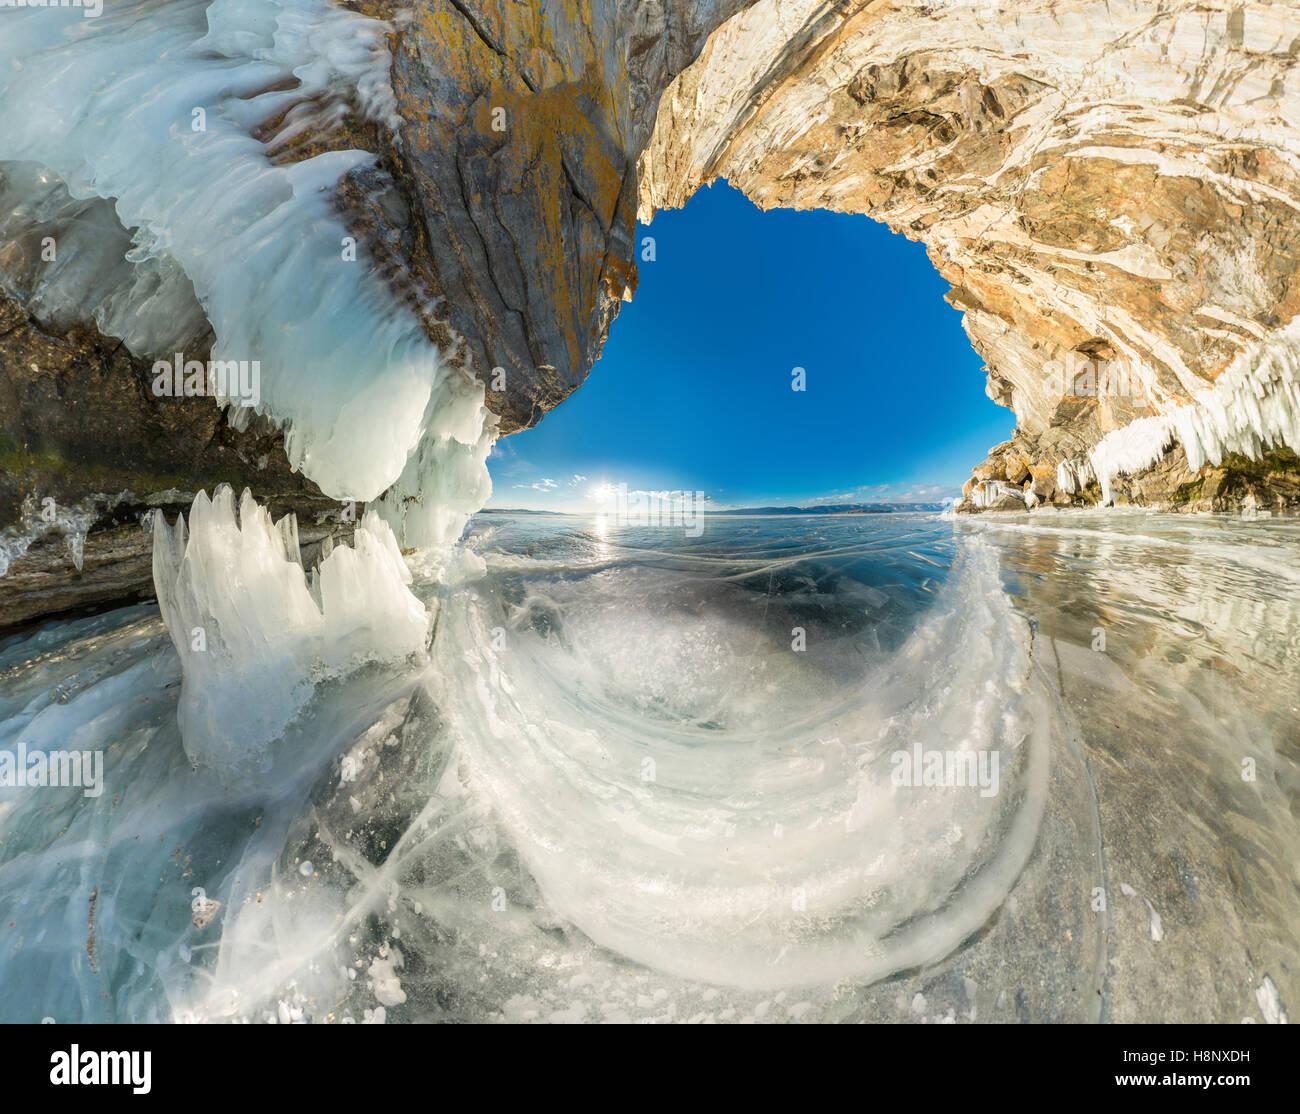 La gruta de hielo en la roca de Olkhon isla en el Lago Baikal cubierto de hielo de ángulo amplio panorama. Foto de stock